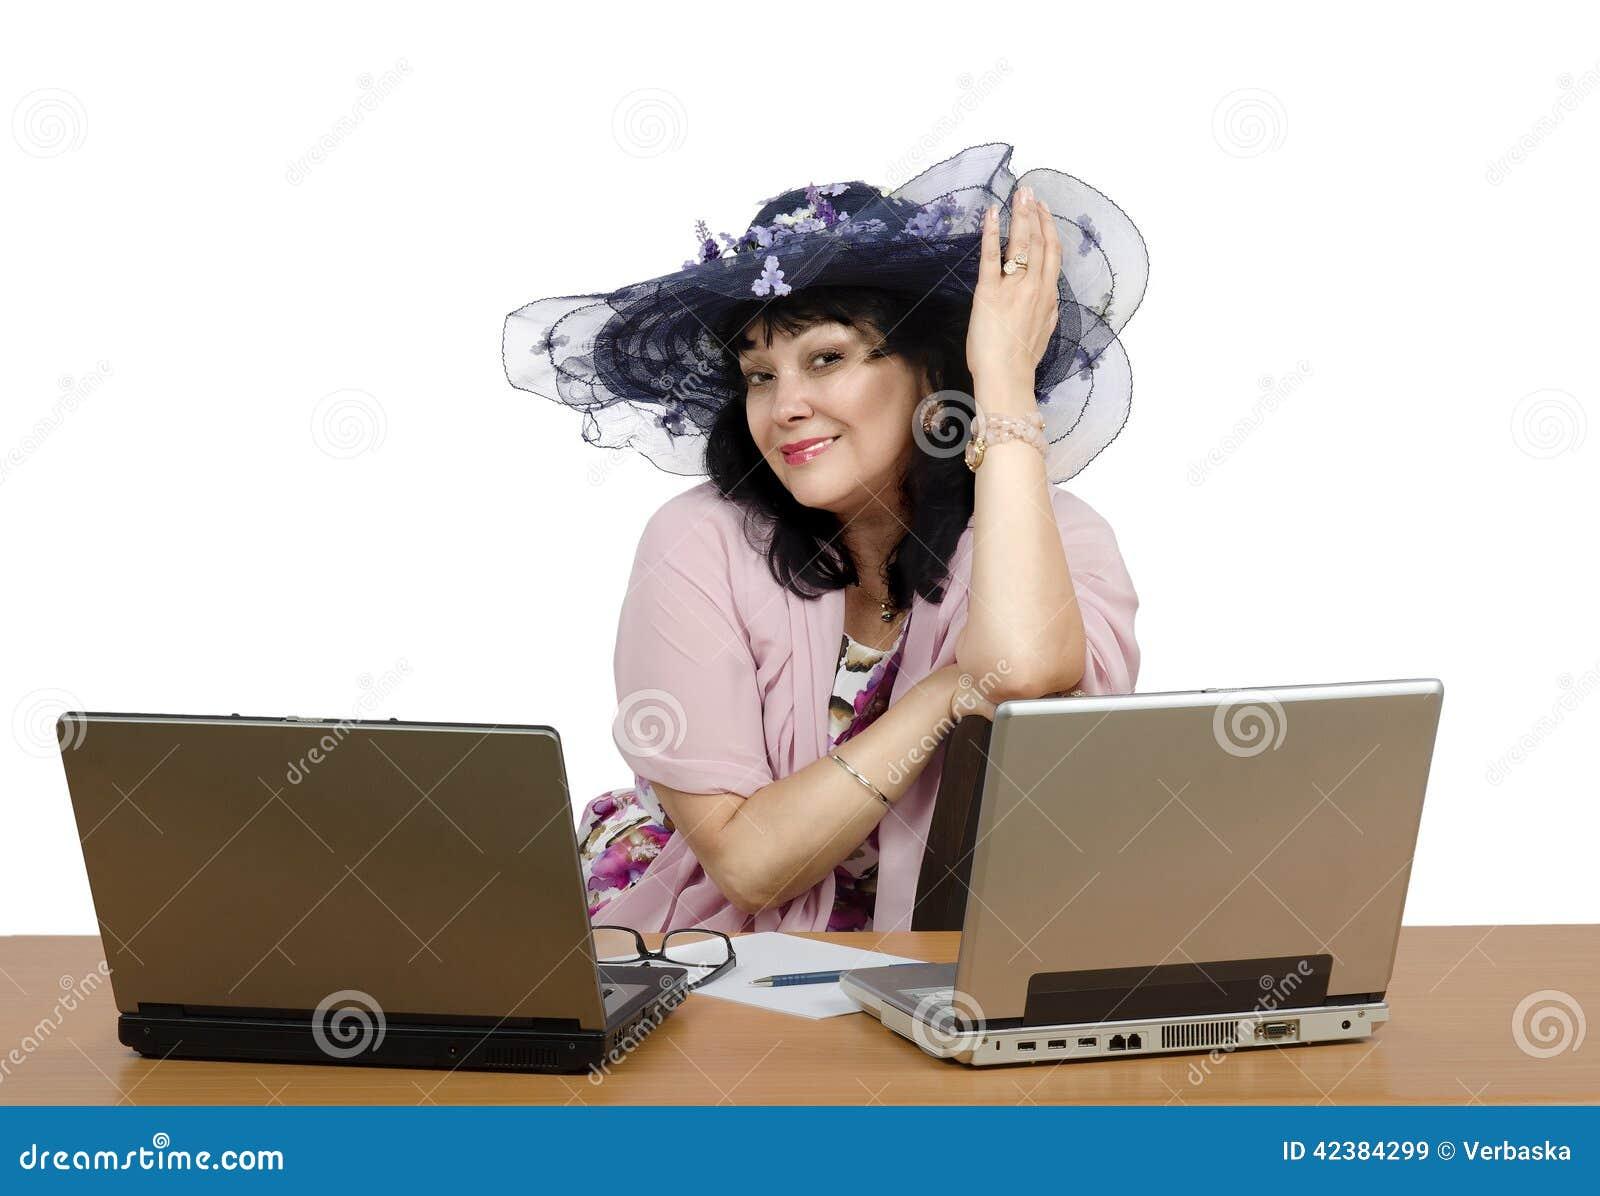 Elle est propriétaire de service de rencontres en ligne